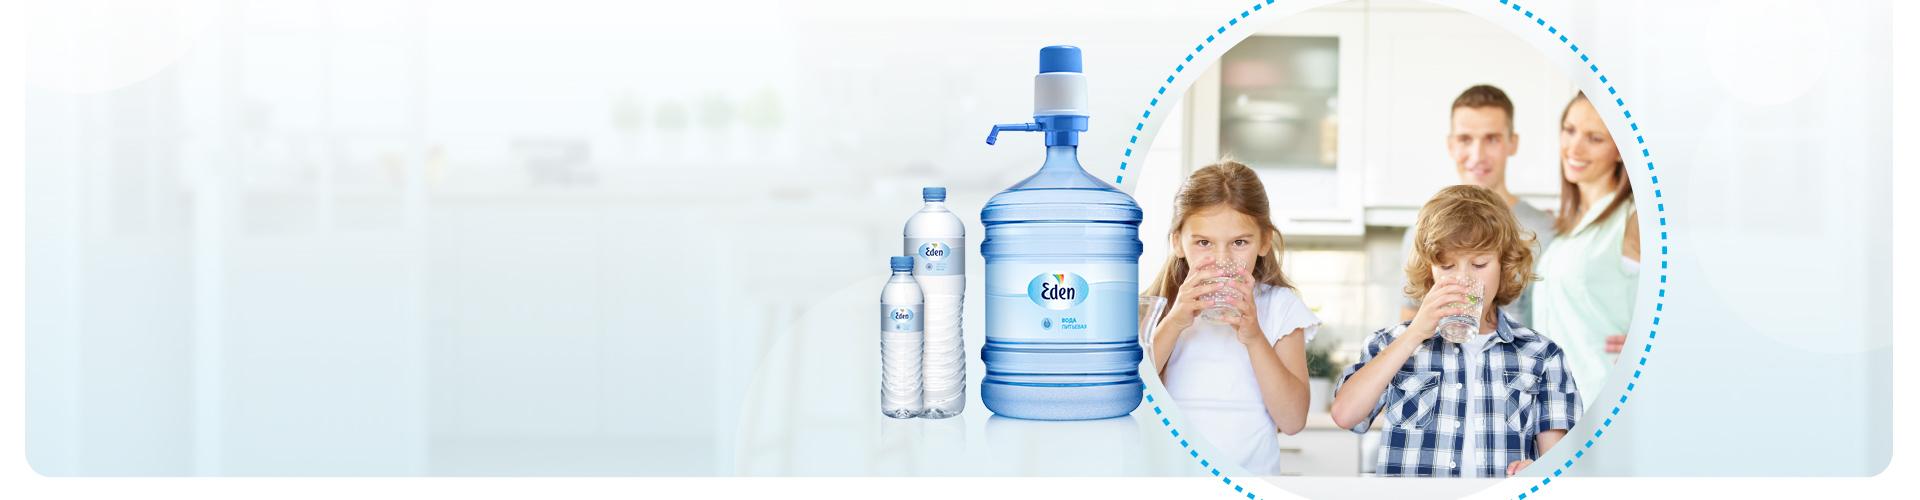 Dzeramais ūdens piegāde uz mājām #stayhome